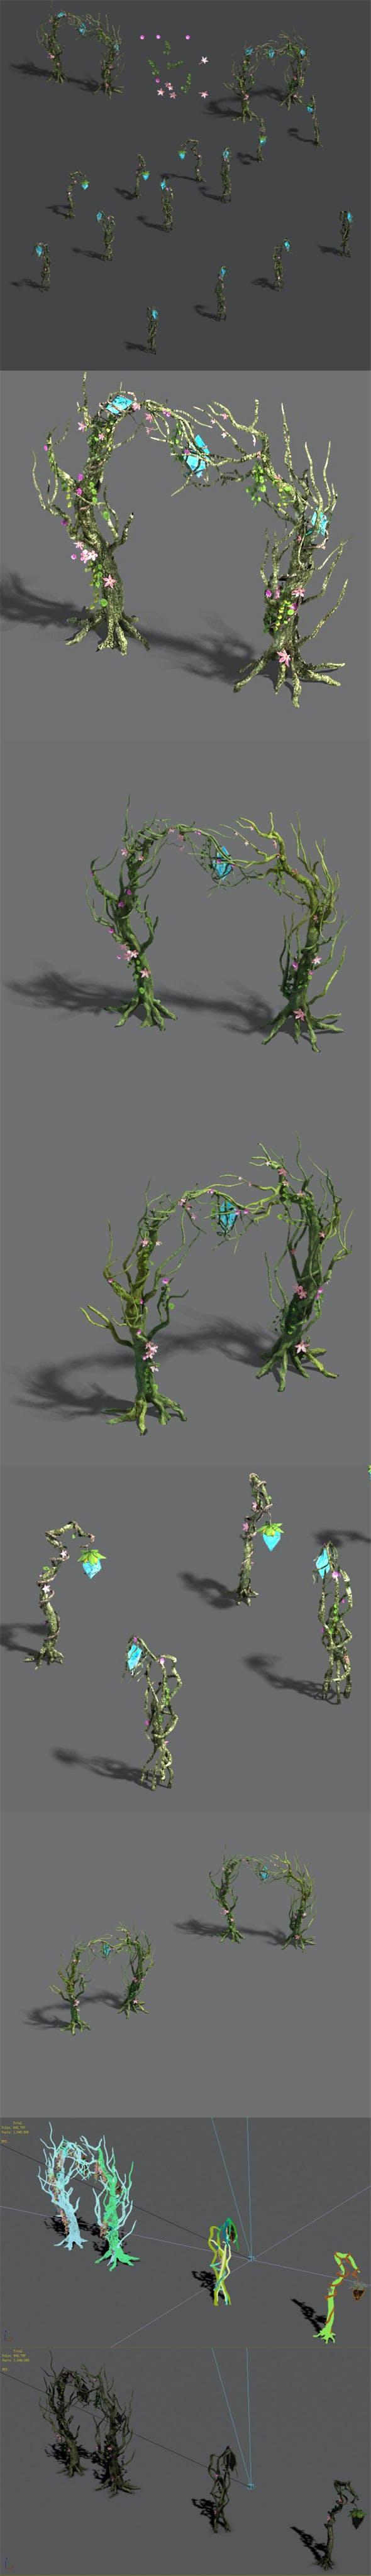 Wizard forest - tree door - tree light - 3DOcean Item for Sale